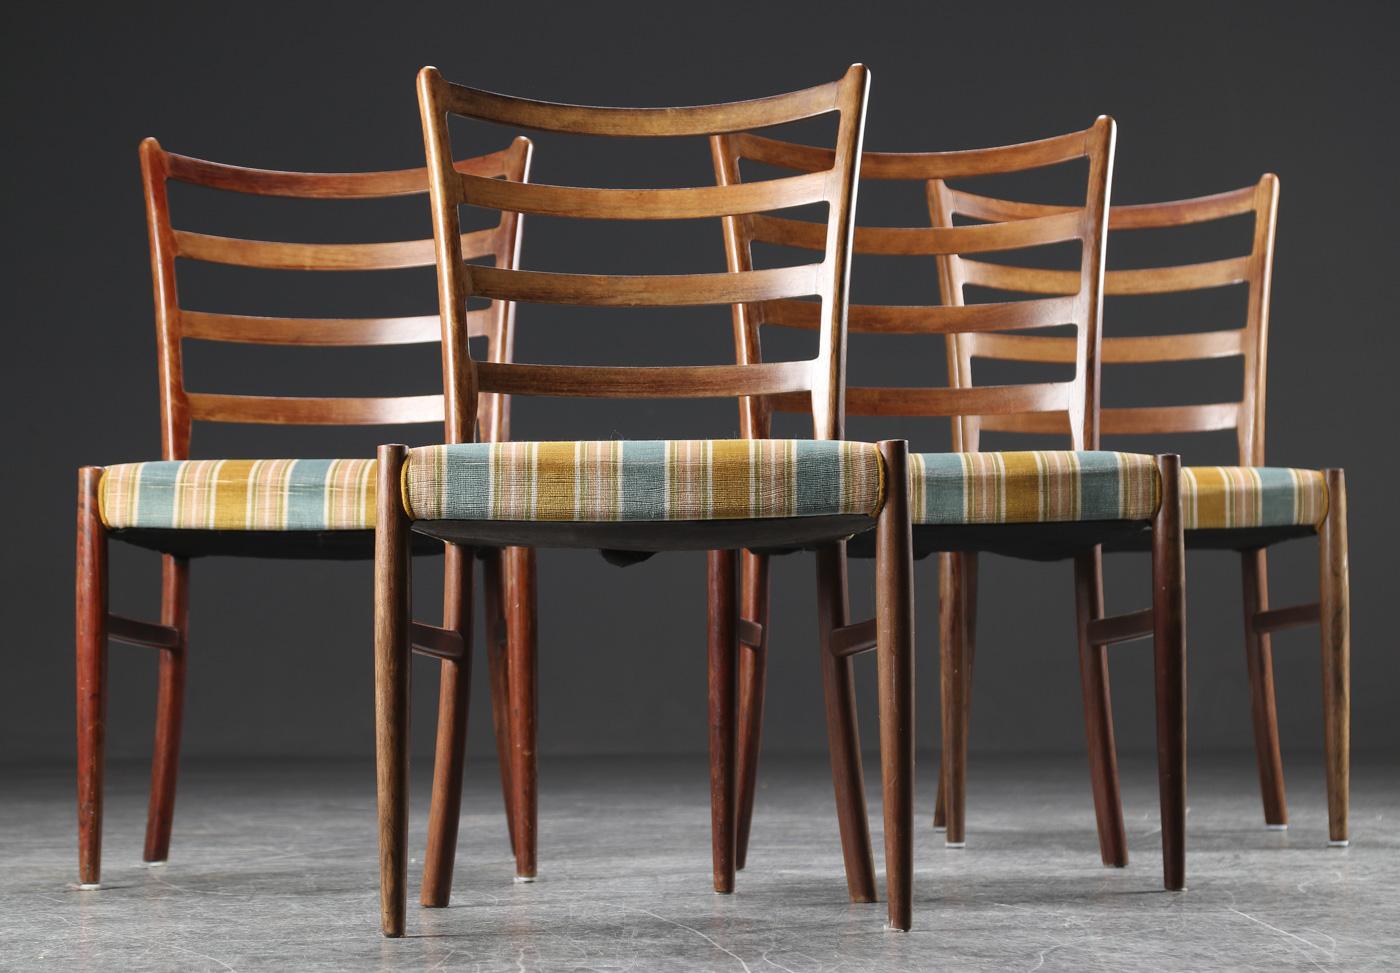 V.S. Andersen. Fire stole af palisander, 1960erne - V.S. Andersen. Fire stole af massiv palisander, sæder betrukket stribet møbelstof, sædehøjde 44 cm. Fremstillet hos SVA møbler, 1960erne. Fremstår med brugsspor, herunder solbleget